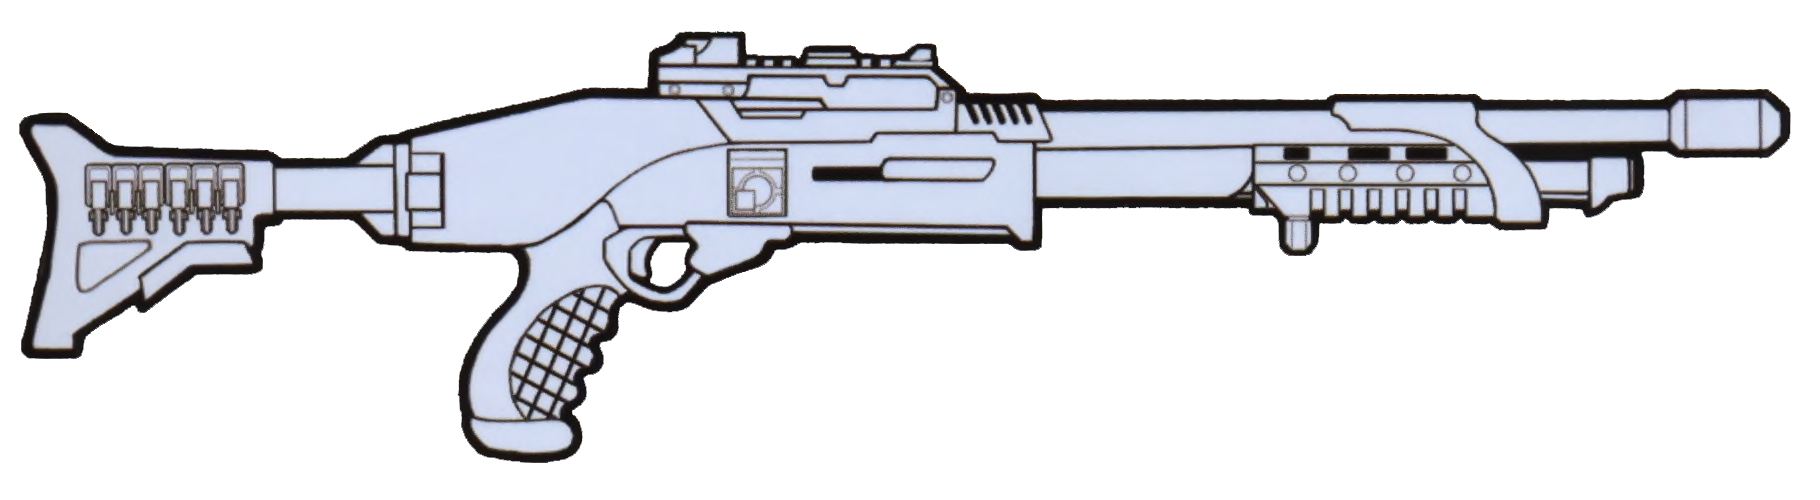 8-gauge scatter gun